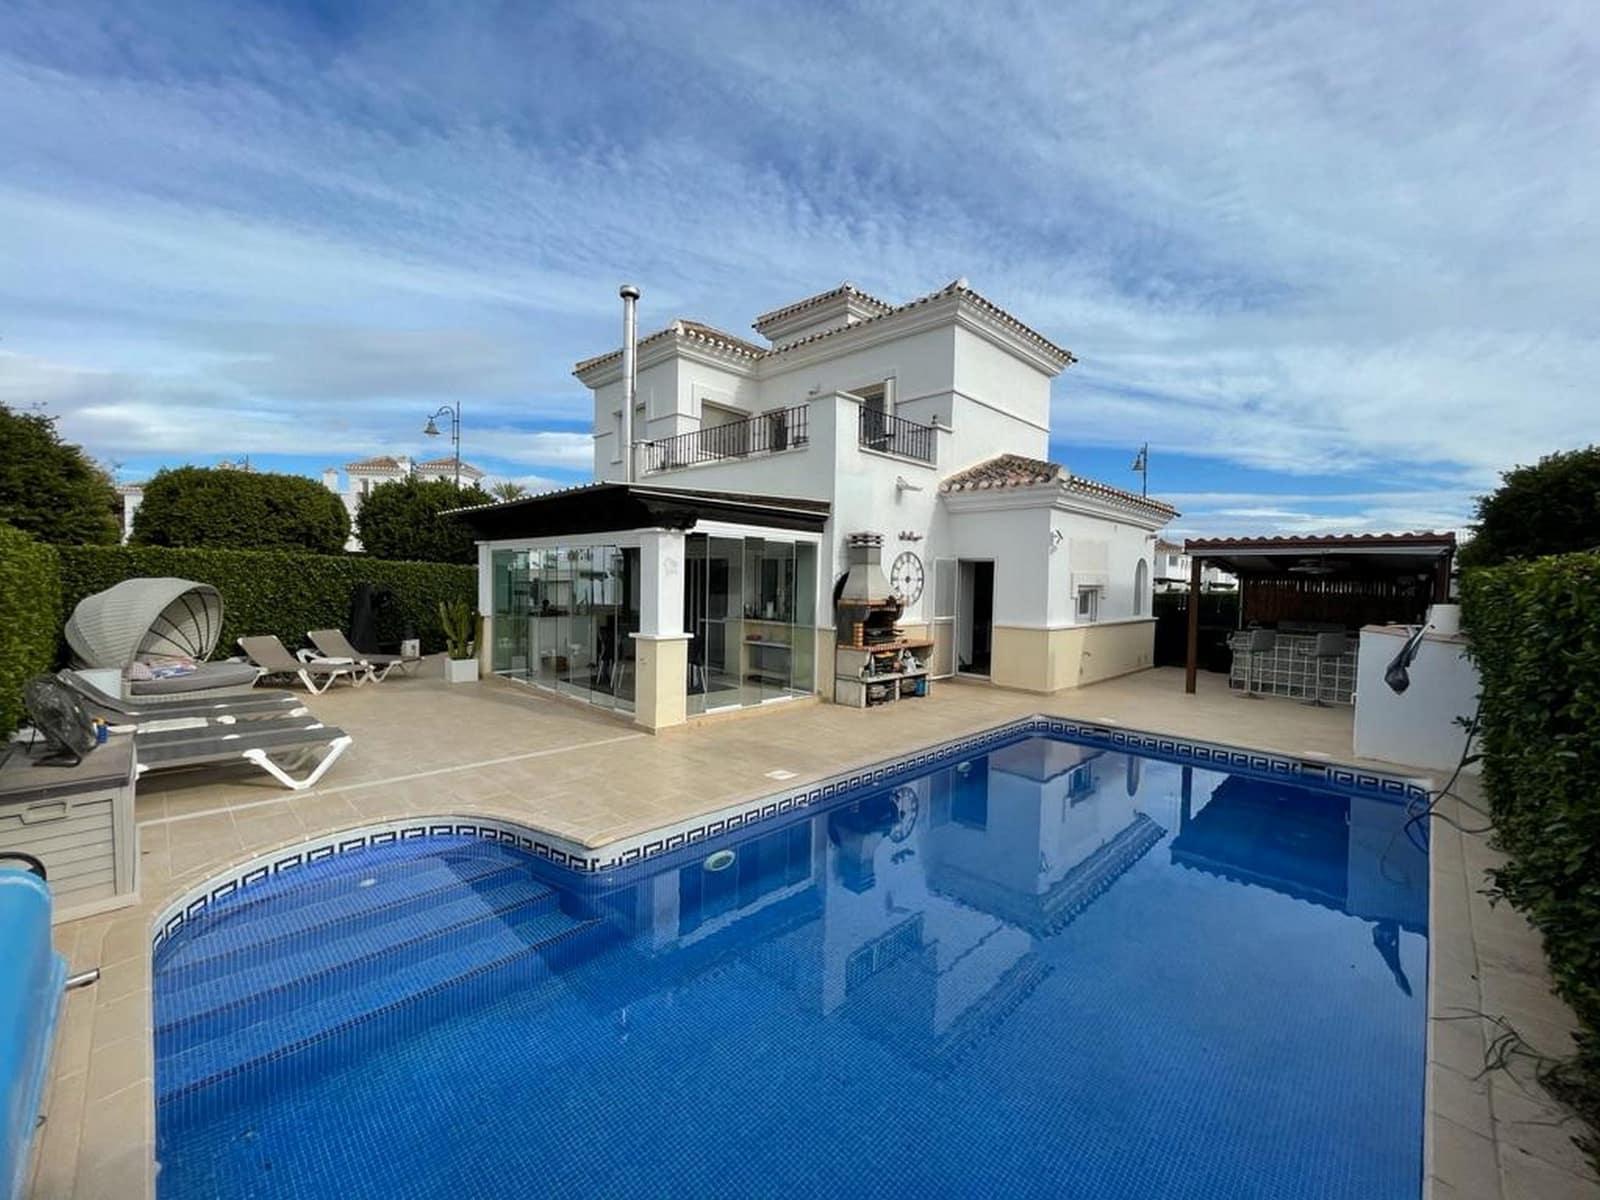 4 quarto Moradia para arrendar em Roldan com piscina - 2 500 € (Ref: 5884142)